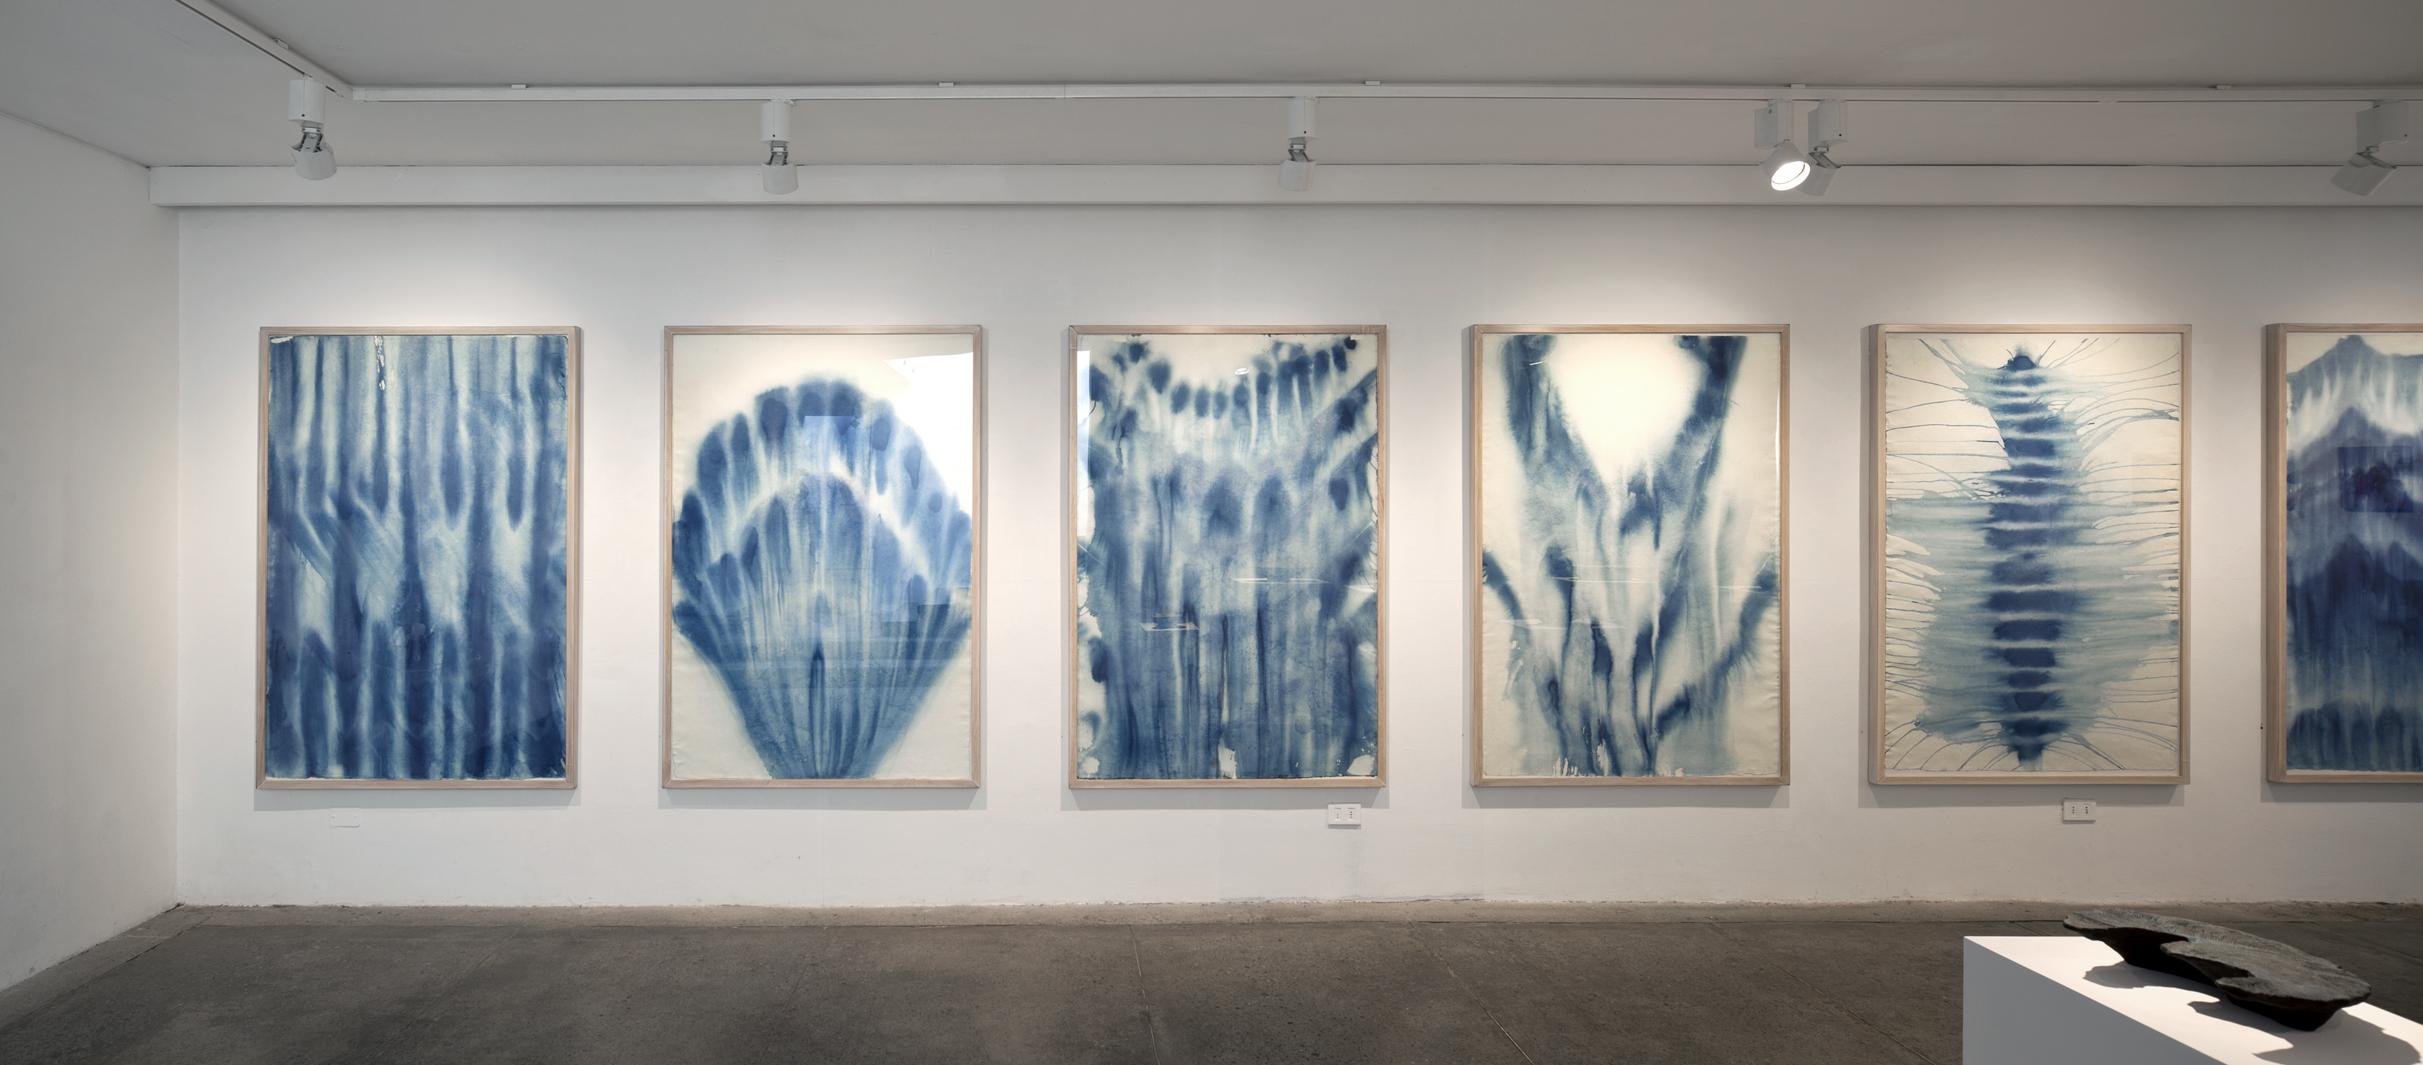 """Vista de la exposición """"Navegando vi"""", de Paula Subercaseaux, en XS Galería, Santiago de Chile, 2018. Cortesía de la galería"""